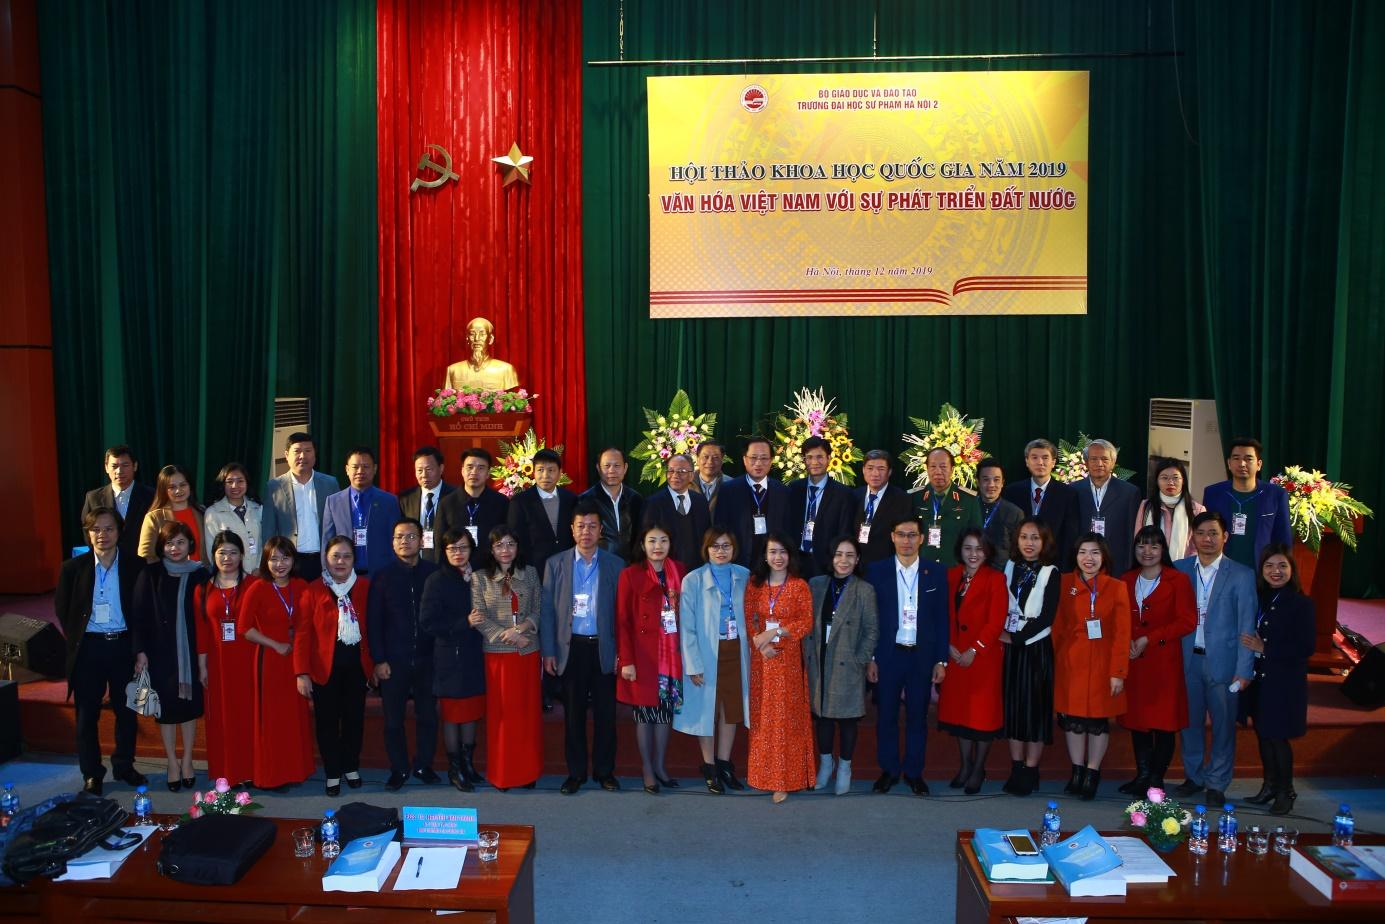 Hội thảo khoa học Quốc gia